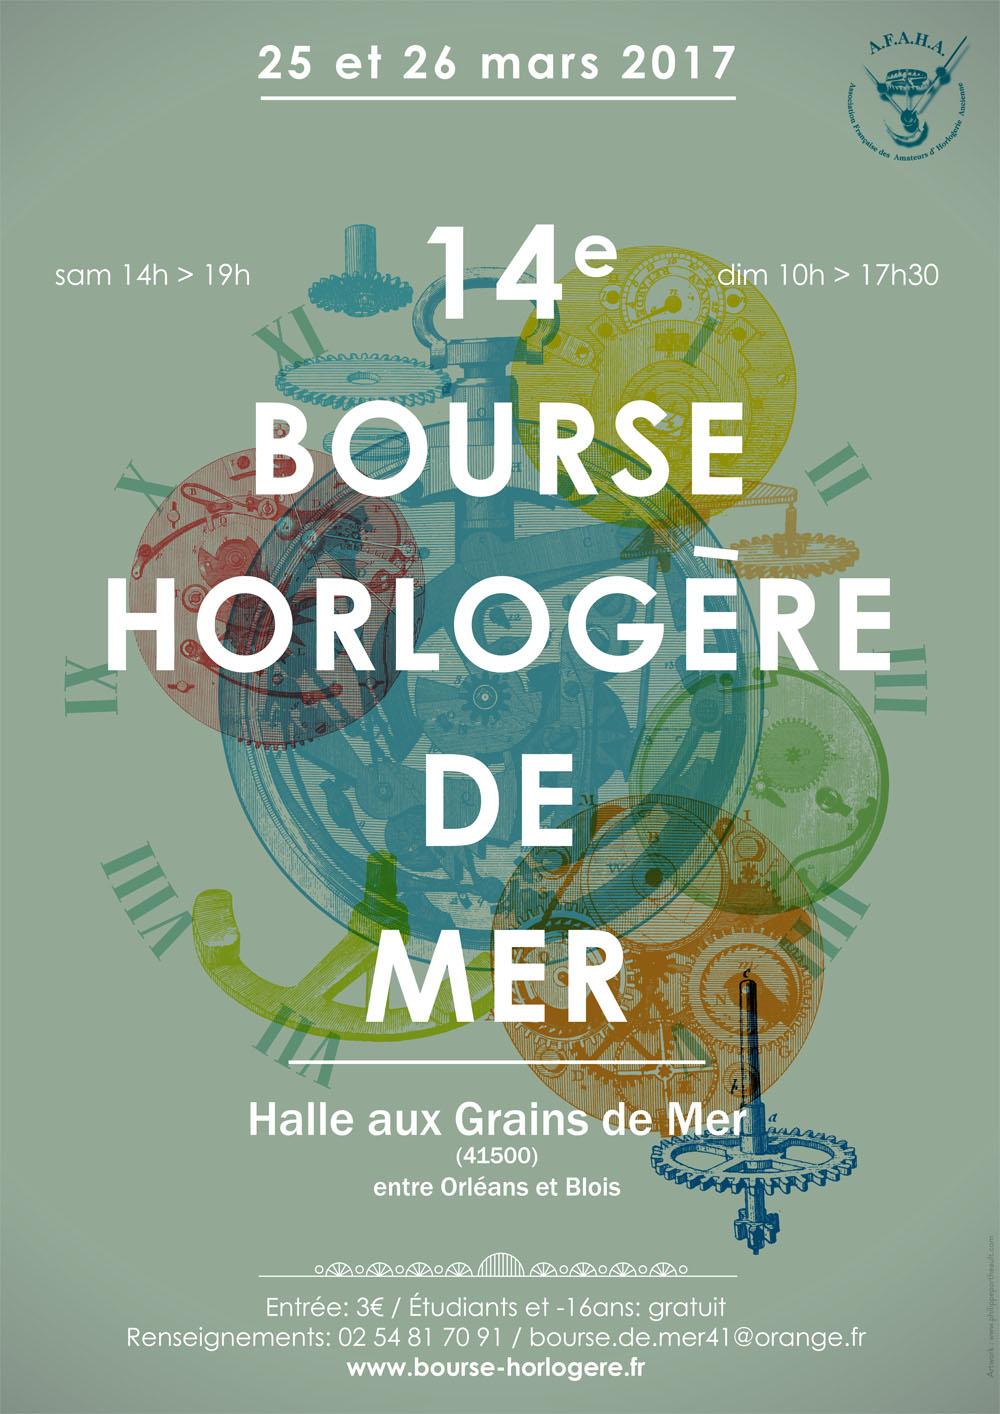 C'est bientôt la 14ème BOURSE HORLOGÈRE De MER, 25 et 26 MARS 2017